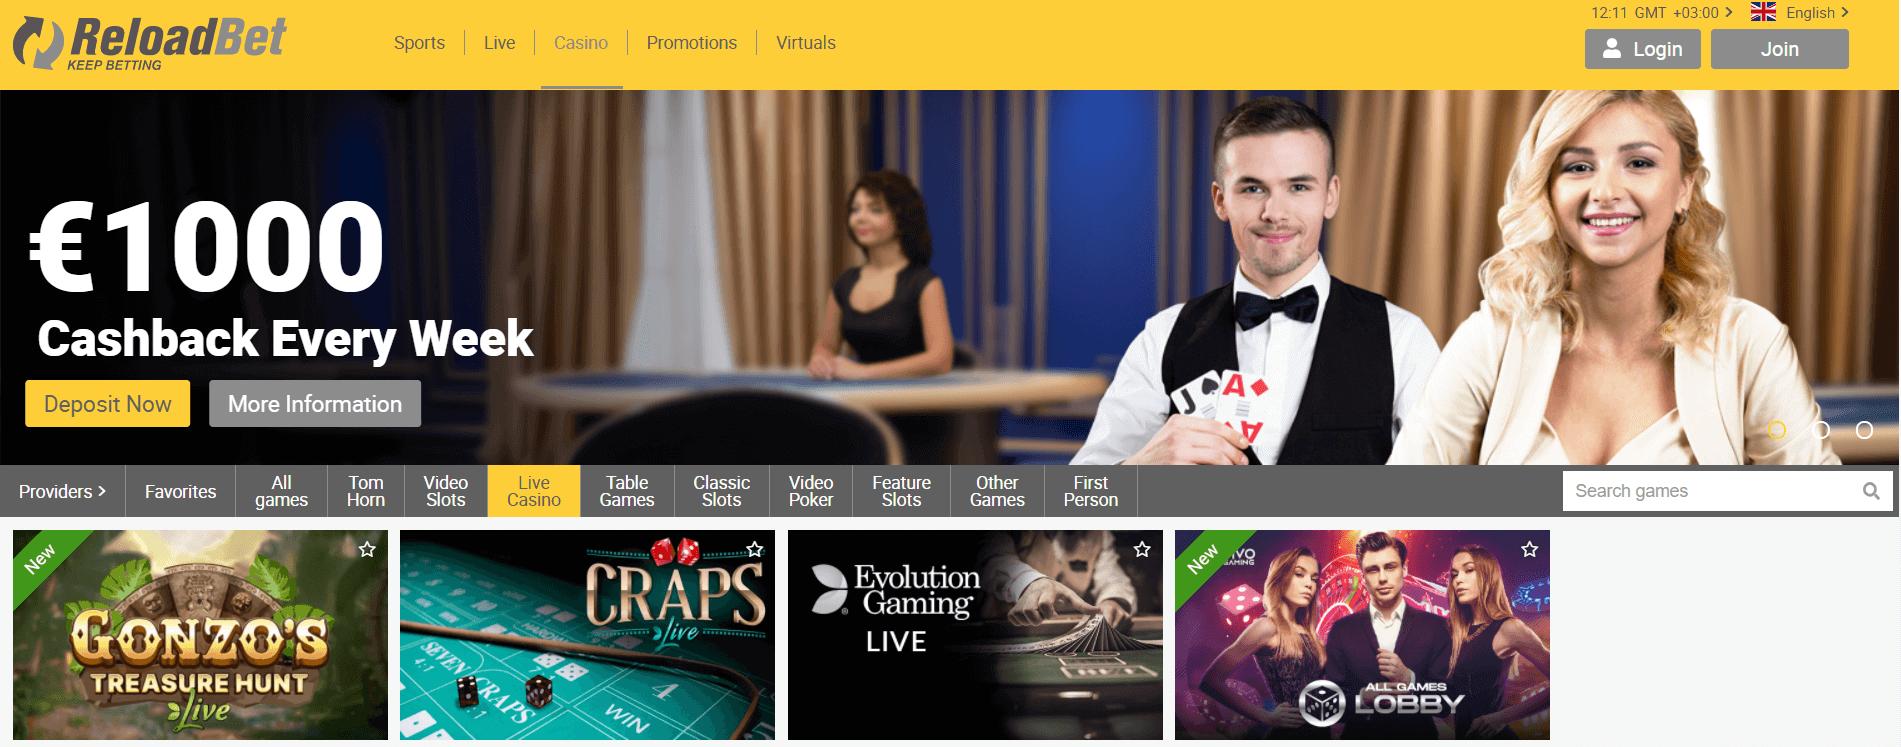 reloadbet live casino-komarbet.com